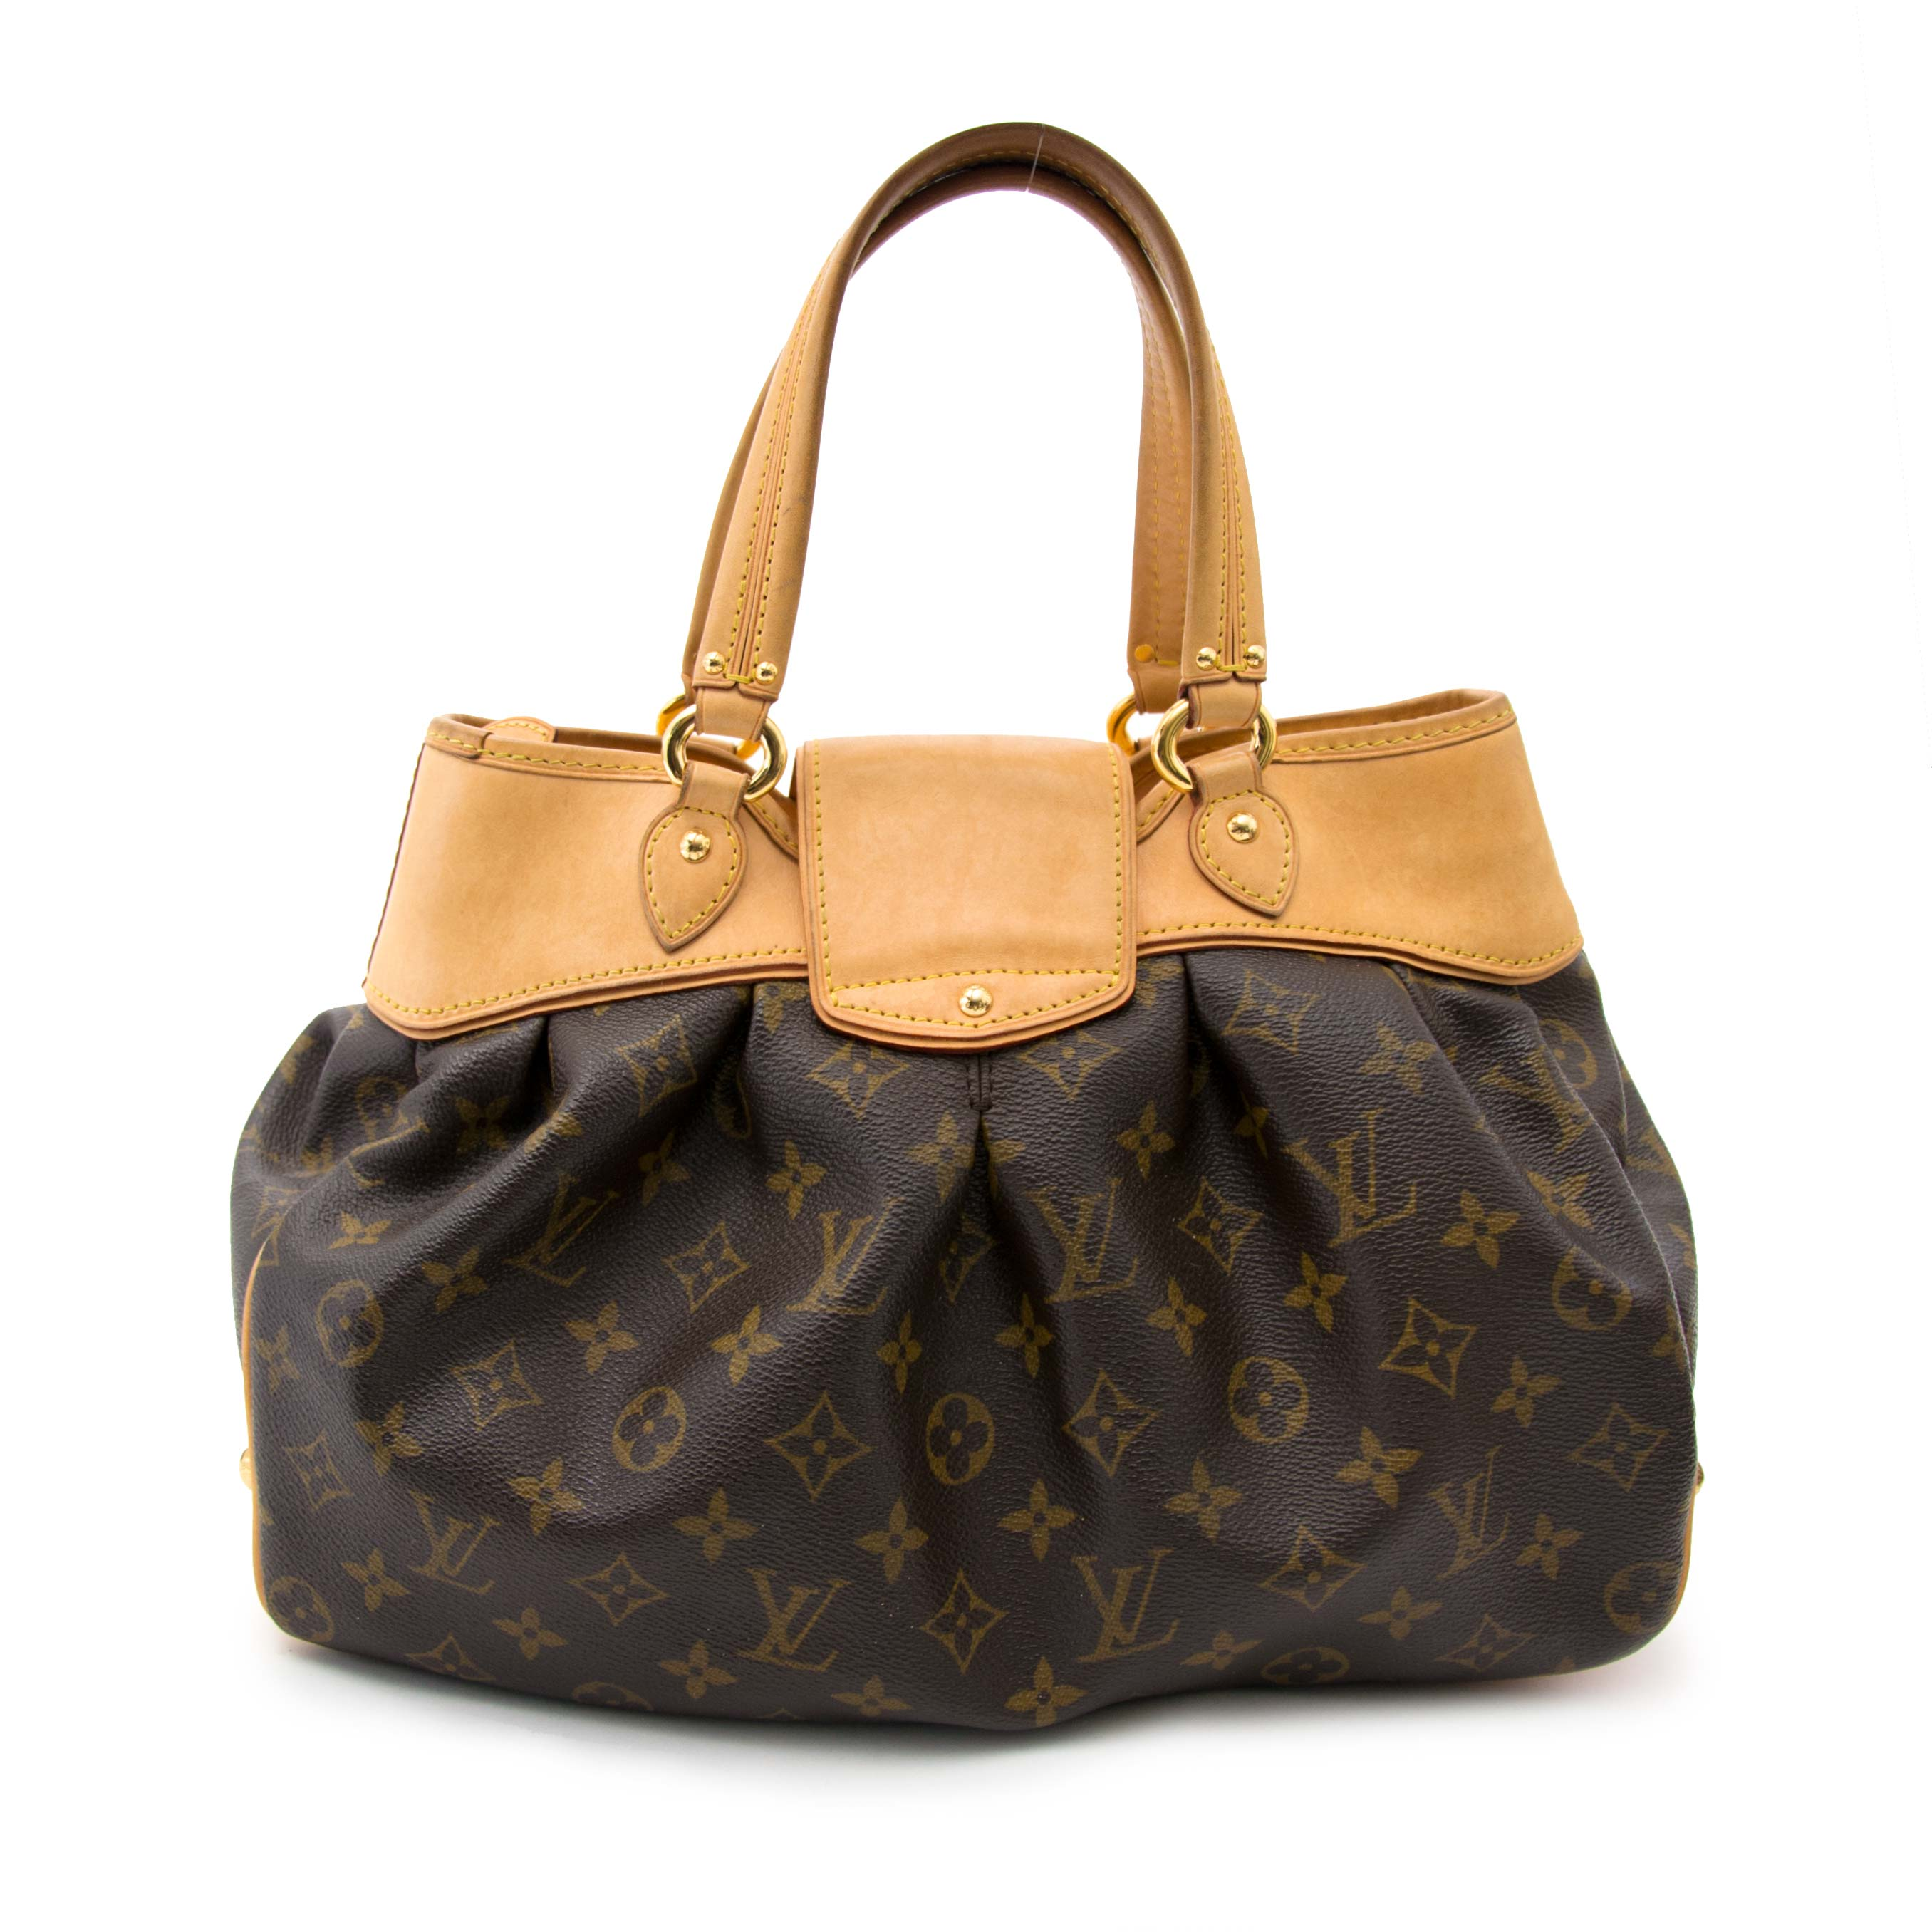 32a9427c8278 Labellov Buy safe Delvaux designer vintage online. Vind tweedehands ...